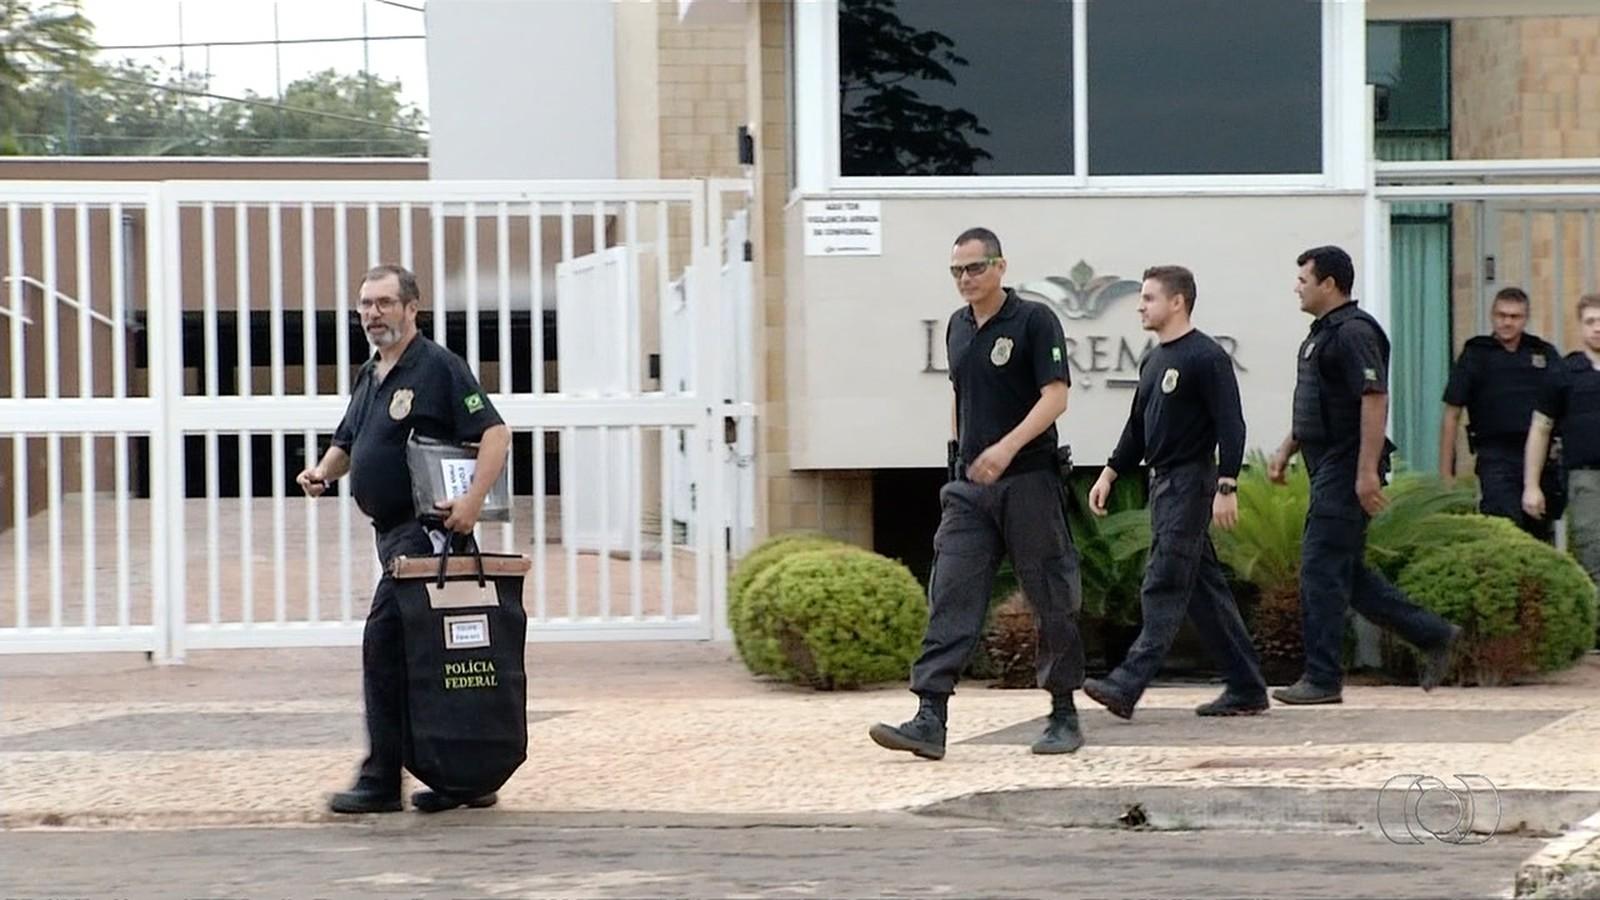 Procuradora-geral pede ao STF continuação da operação Ápia, suspensa há sete meses no TO